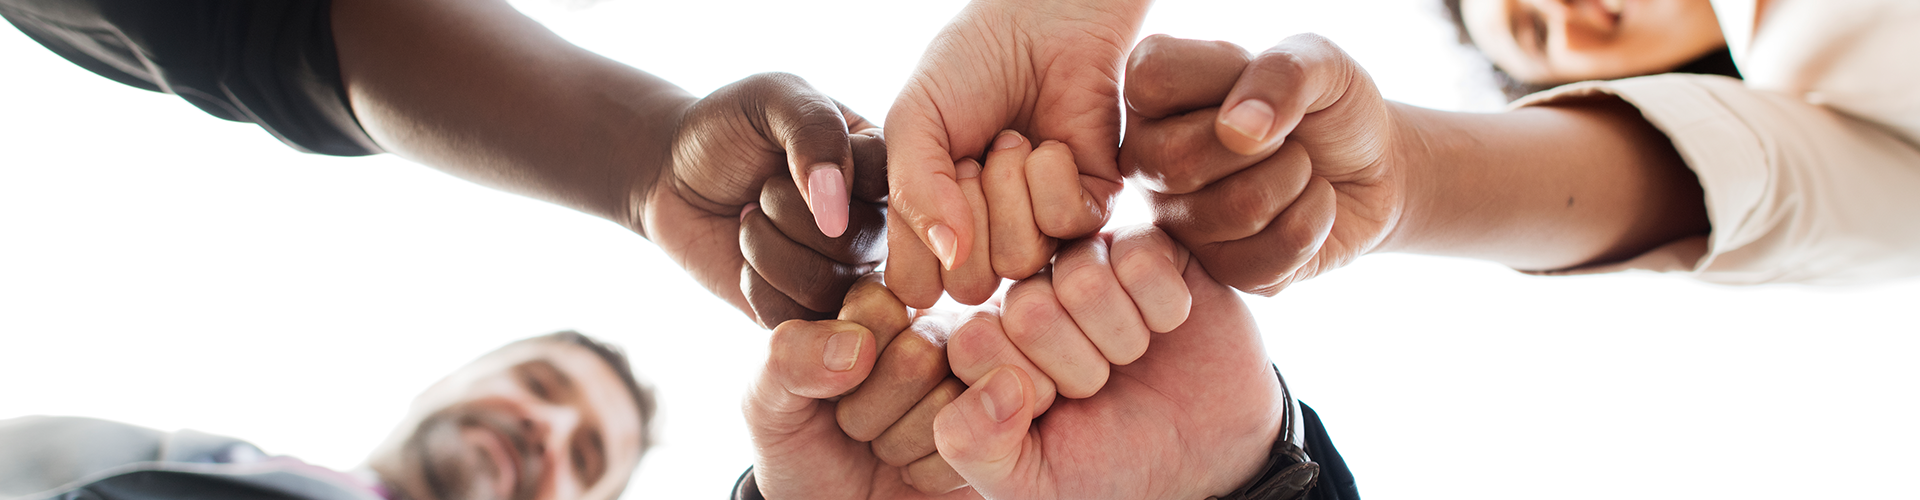 teambuilding voor ondernemingsraad of pvt